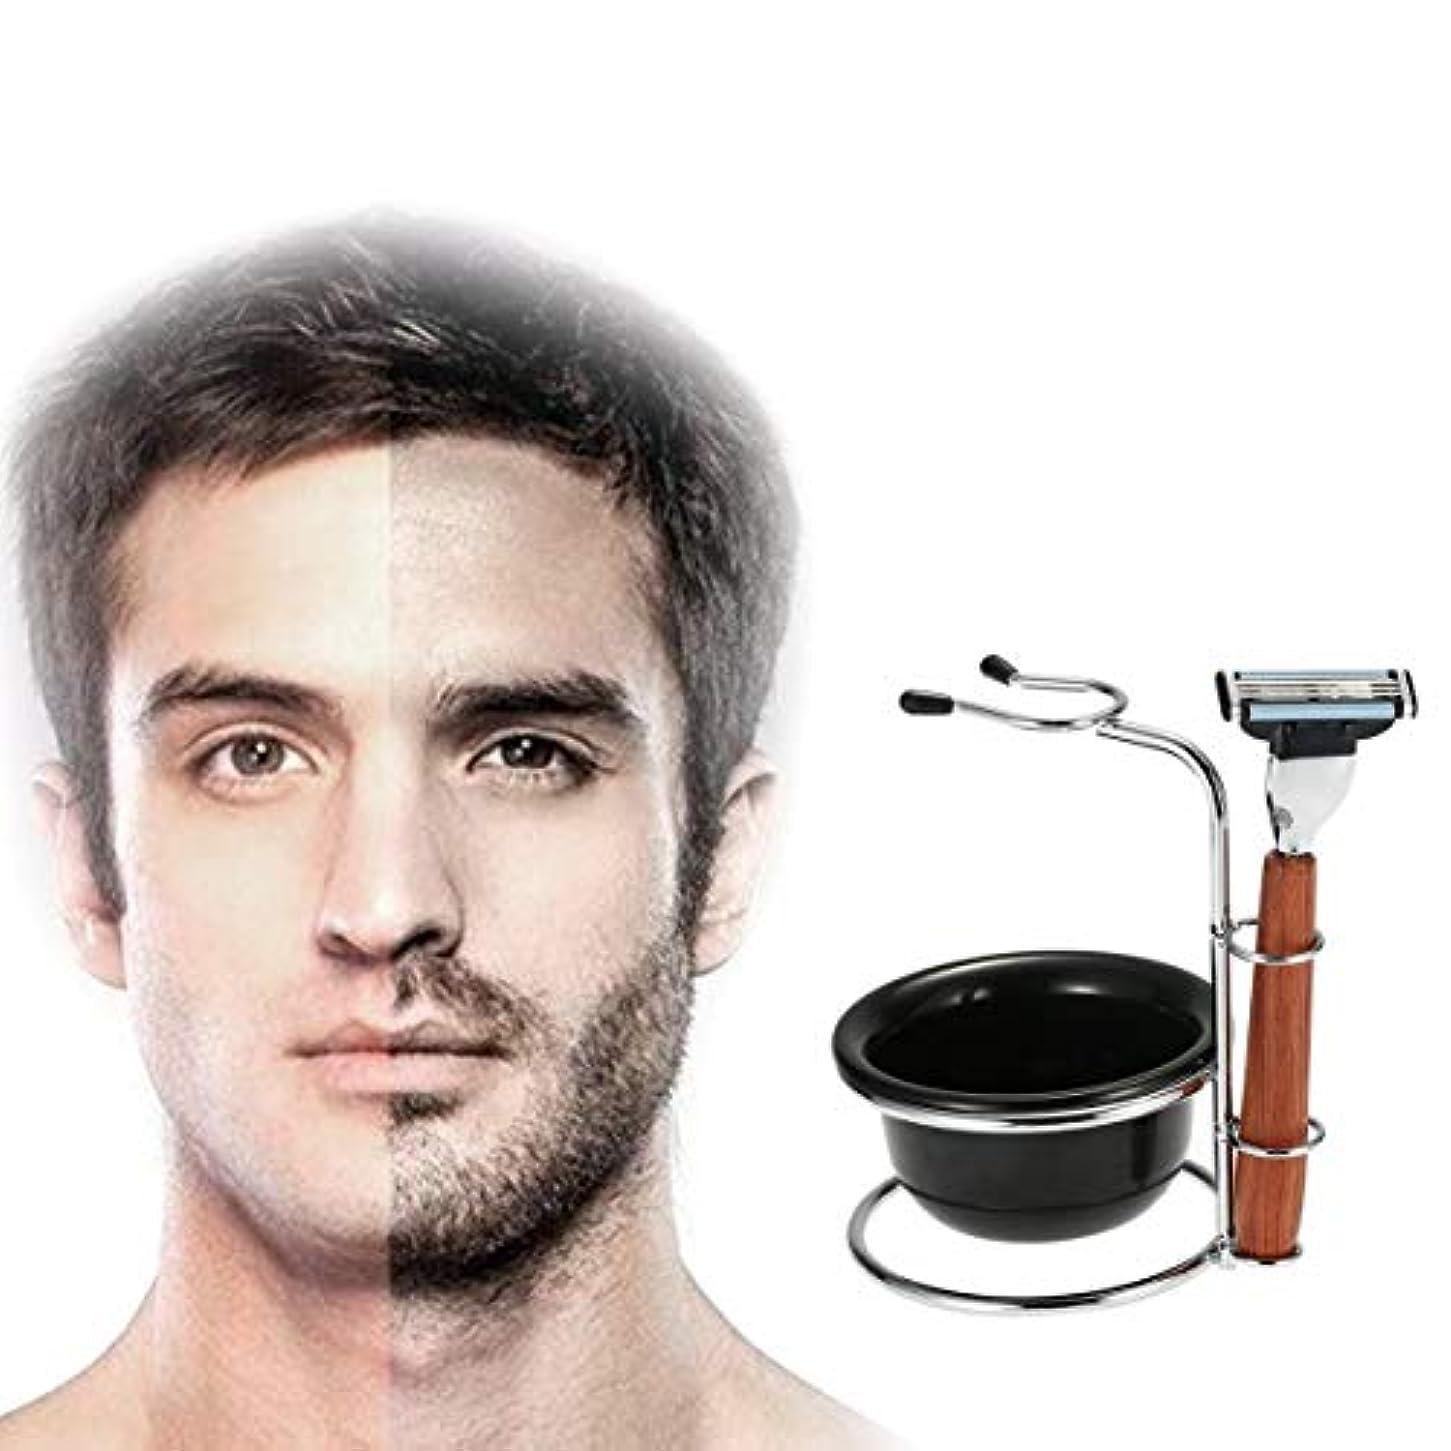 費用ミシン目夜間Manual Shaving Set Old-fashioned Beard Razor Rosewood Men Shavers Shaving Razor Hair Trimmer Washable For Home...